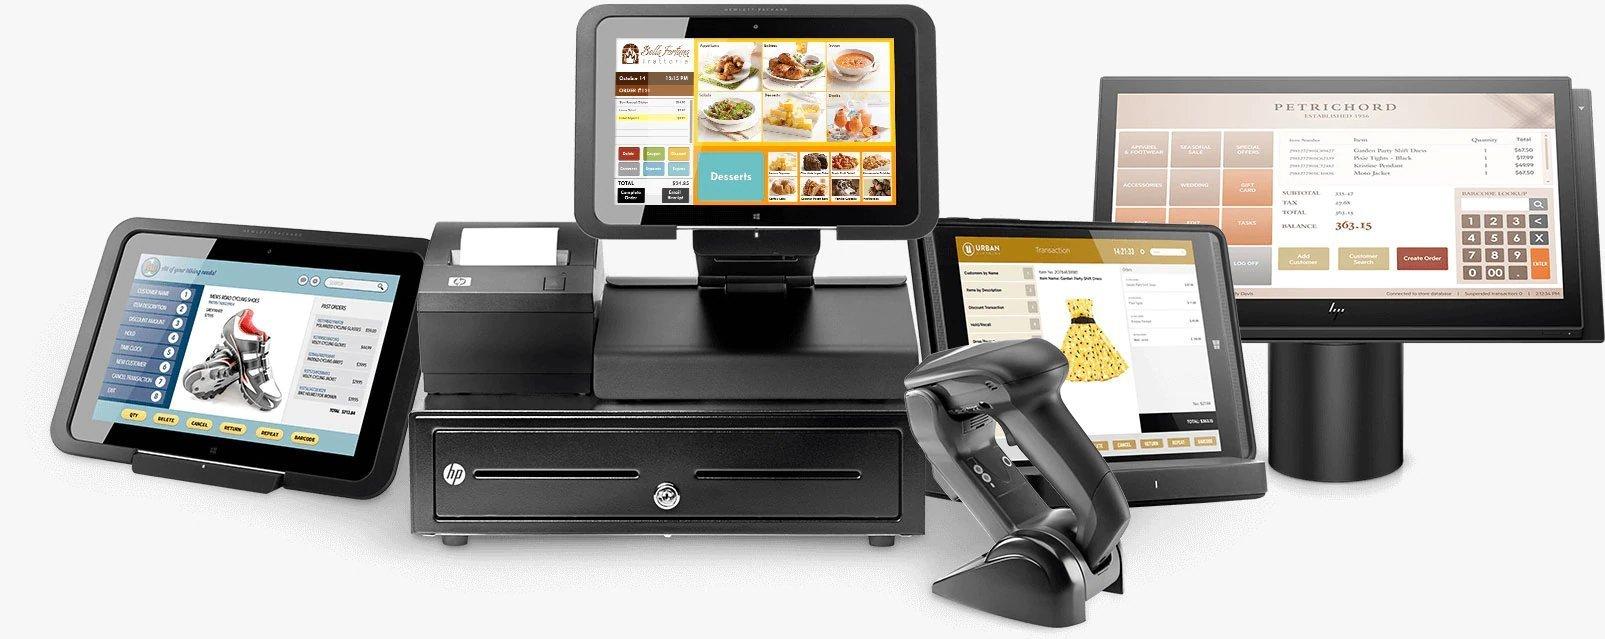 Sistema de punto de venta HP   Entusiasme a sus clientes y mejore los resultados comerciales